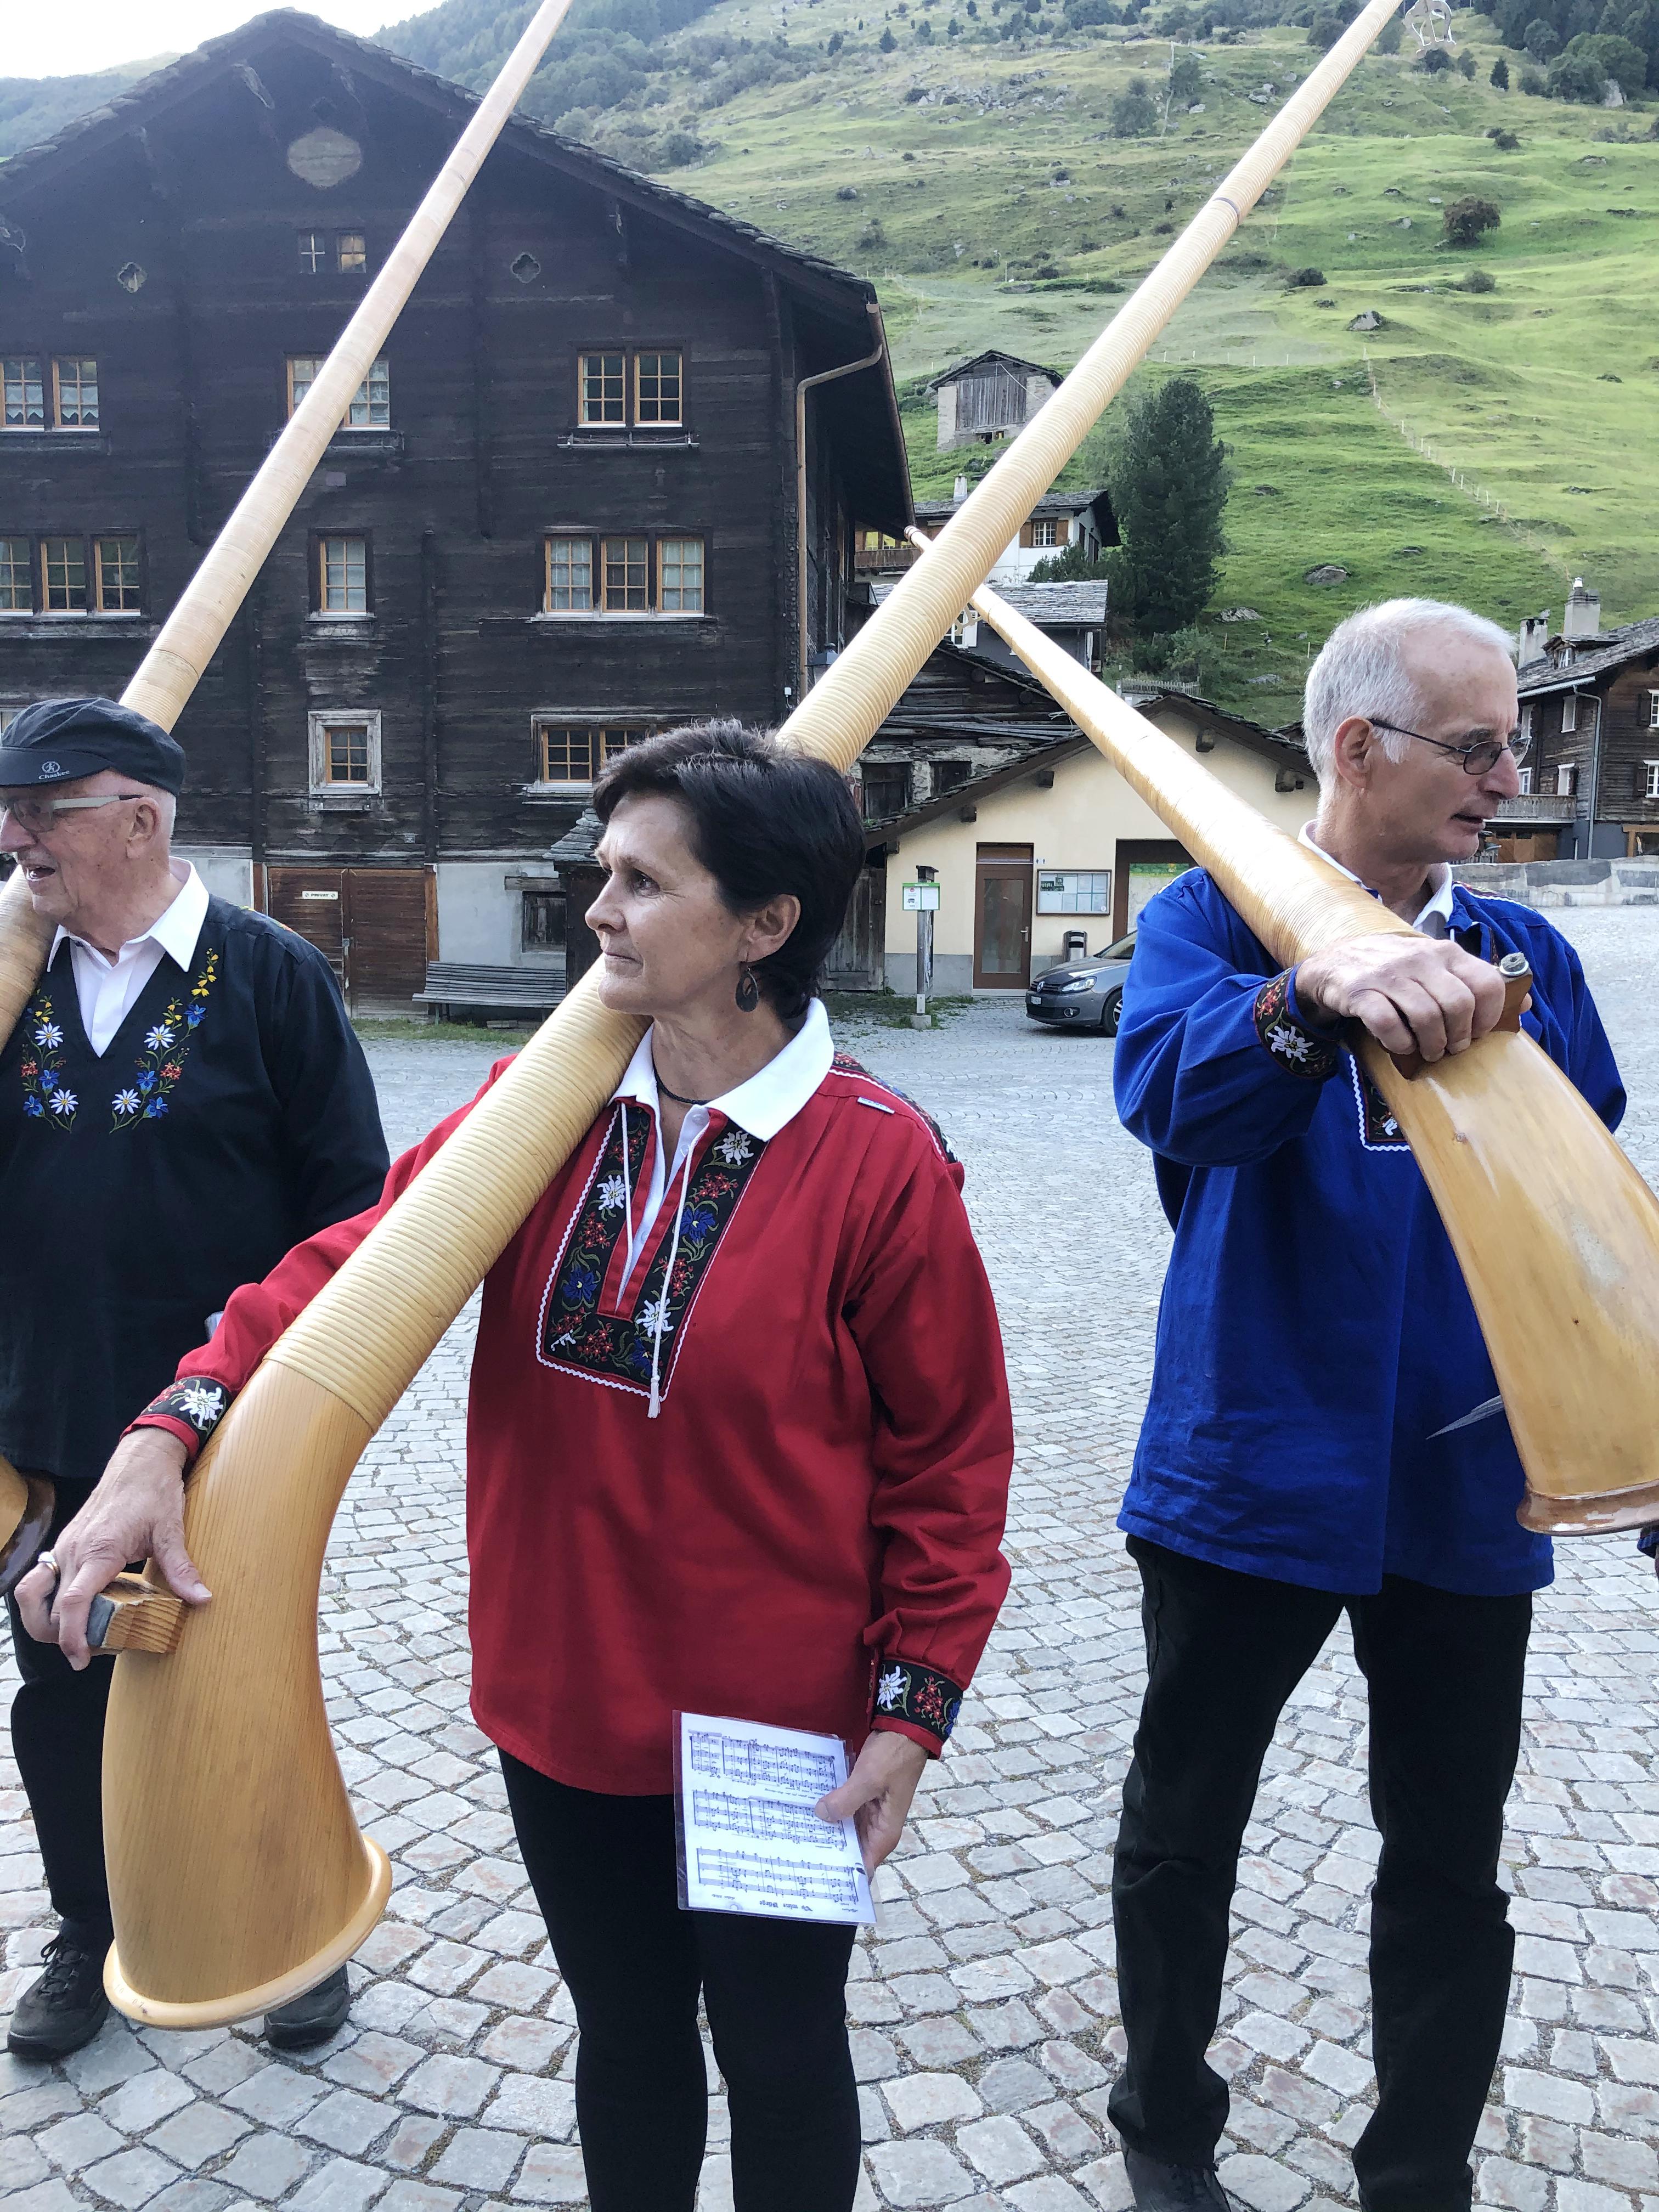 Die Mitglieder des Alphorngruppe in Vals pflegen die musikalische Tradition der Schweiz Foto: © Brigitte Klefisch